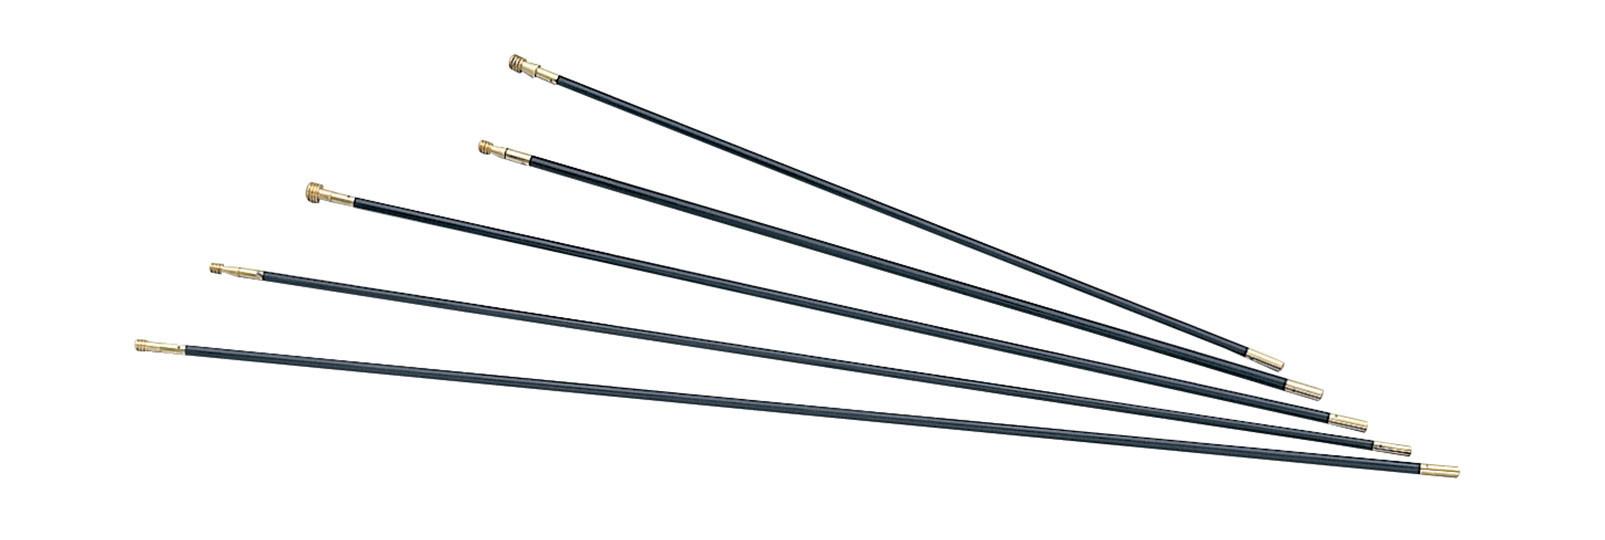 Bacchetta in fibra per armi ad avancarica 9x640 mm